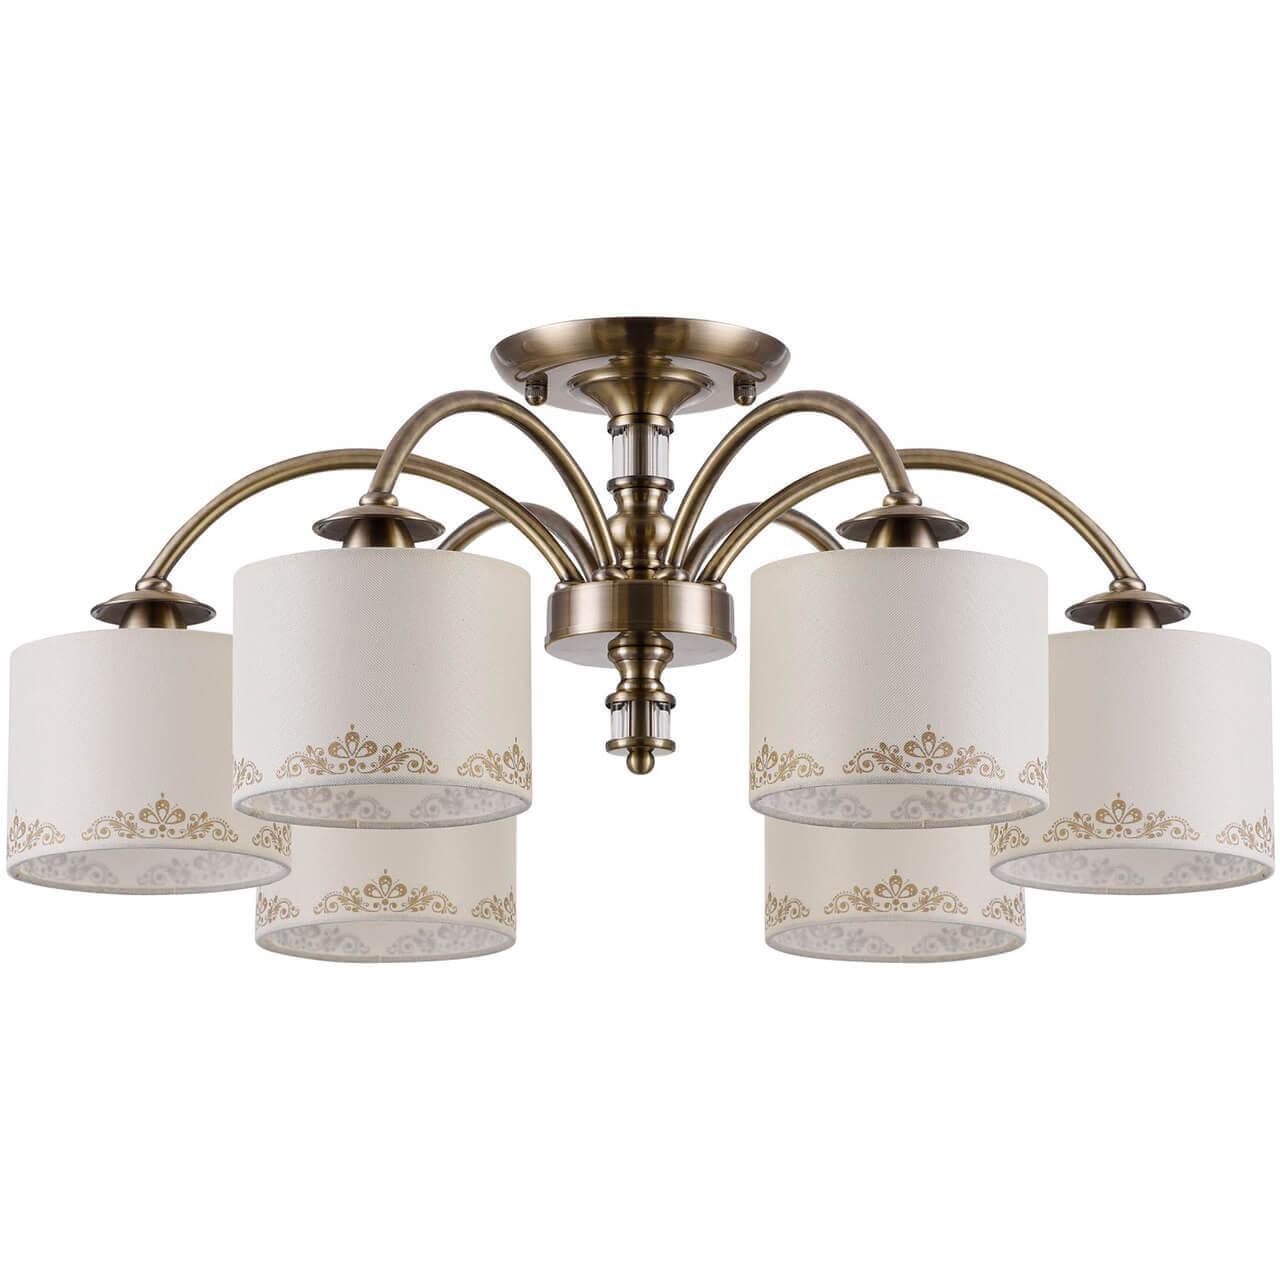 цены на Потолочный светильник Freya FR2539CL-06BS, E14, 40 Вт  в интернет-магазинах